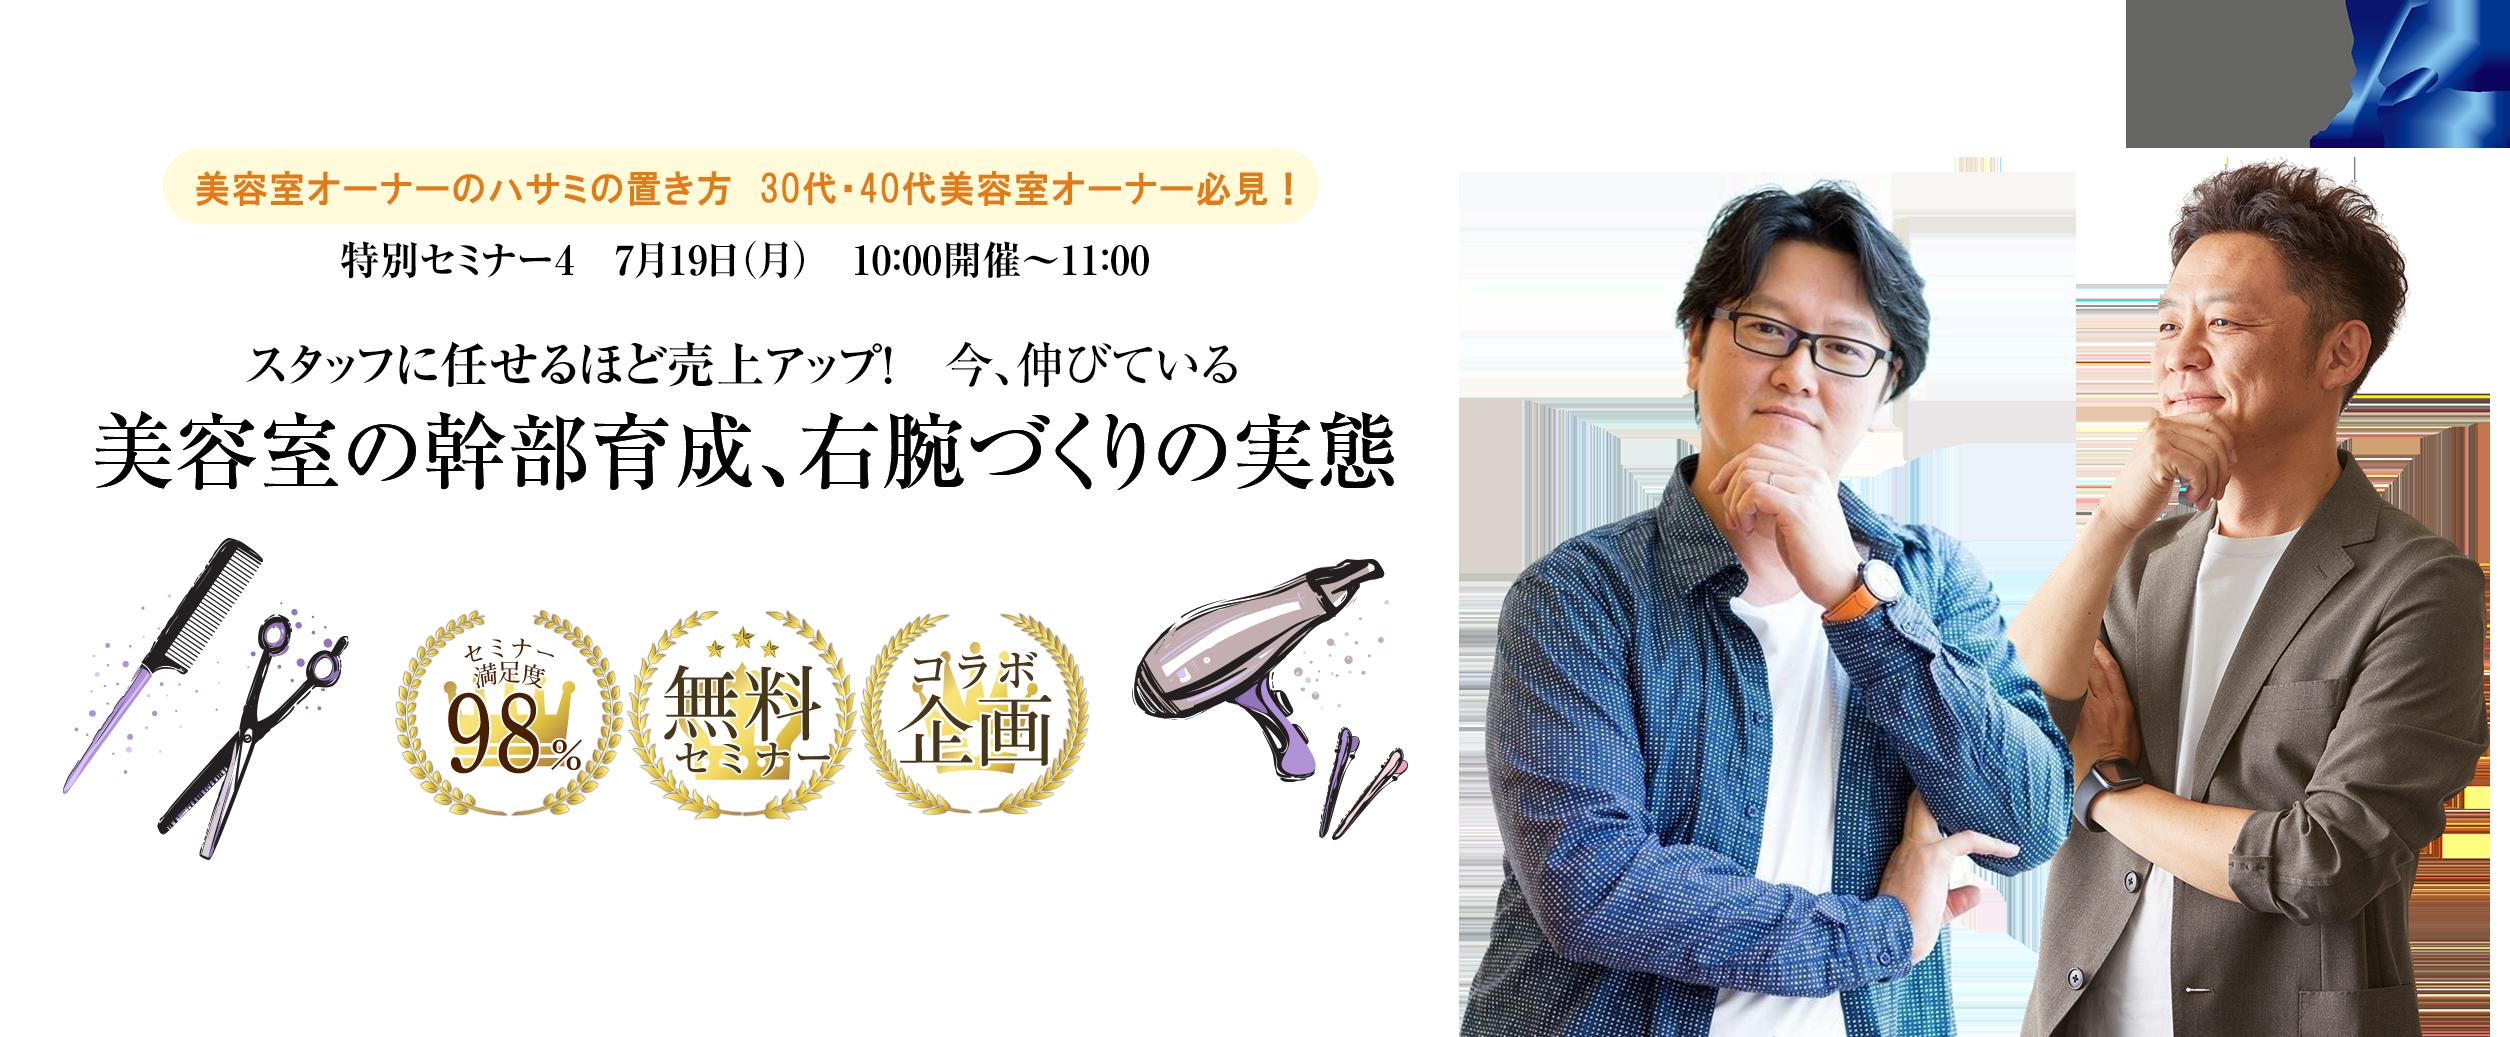 【特別セミナー4】美容室オーナーのハサミの置き方 スタッフに任せるほど売上アップ!今、伸びている美容室の幹部育成、右腕づくりの実態